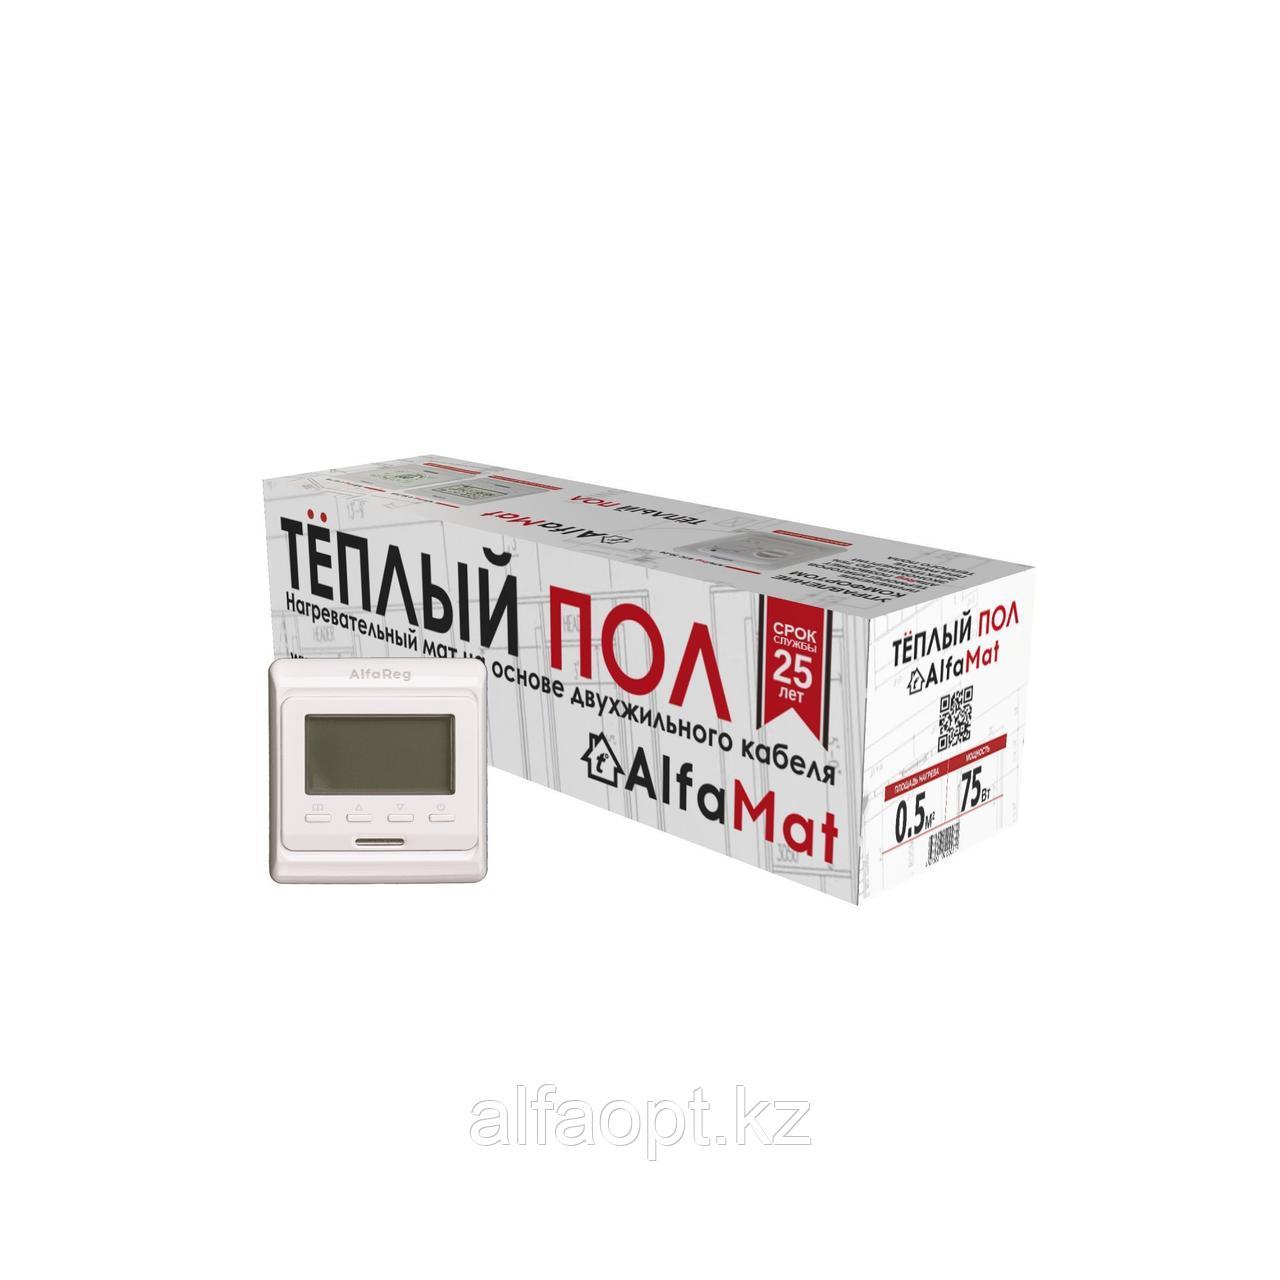 Комплект теплого пола AlfaMat-150 (0,5 м²)